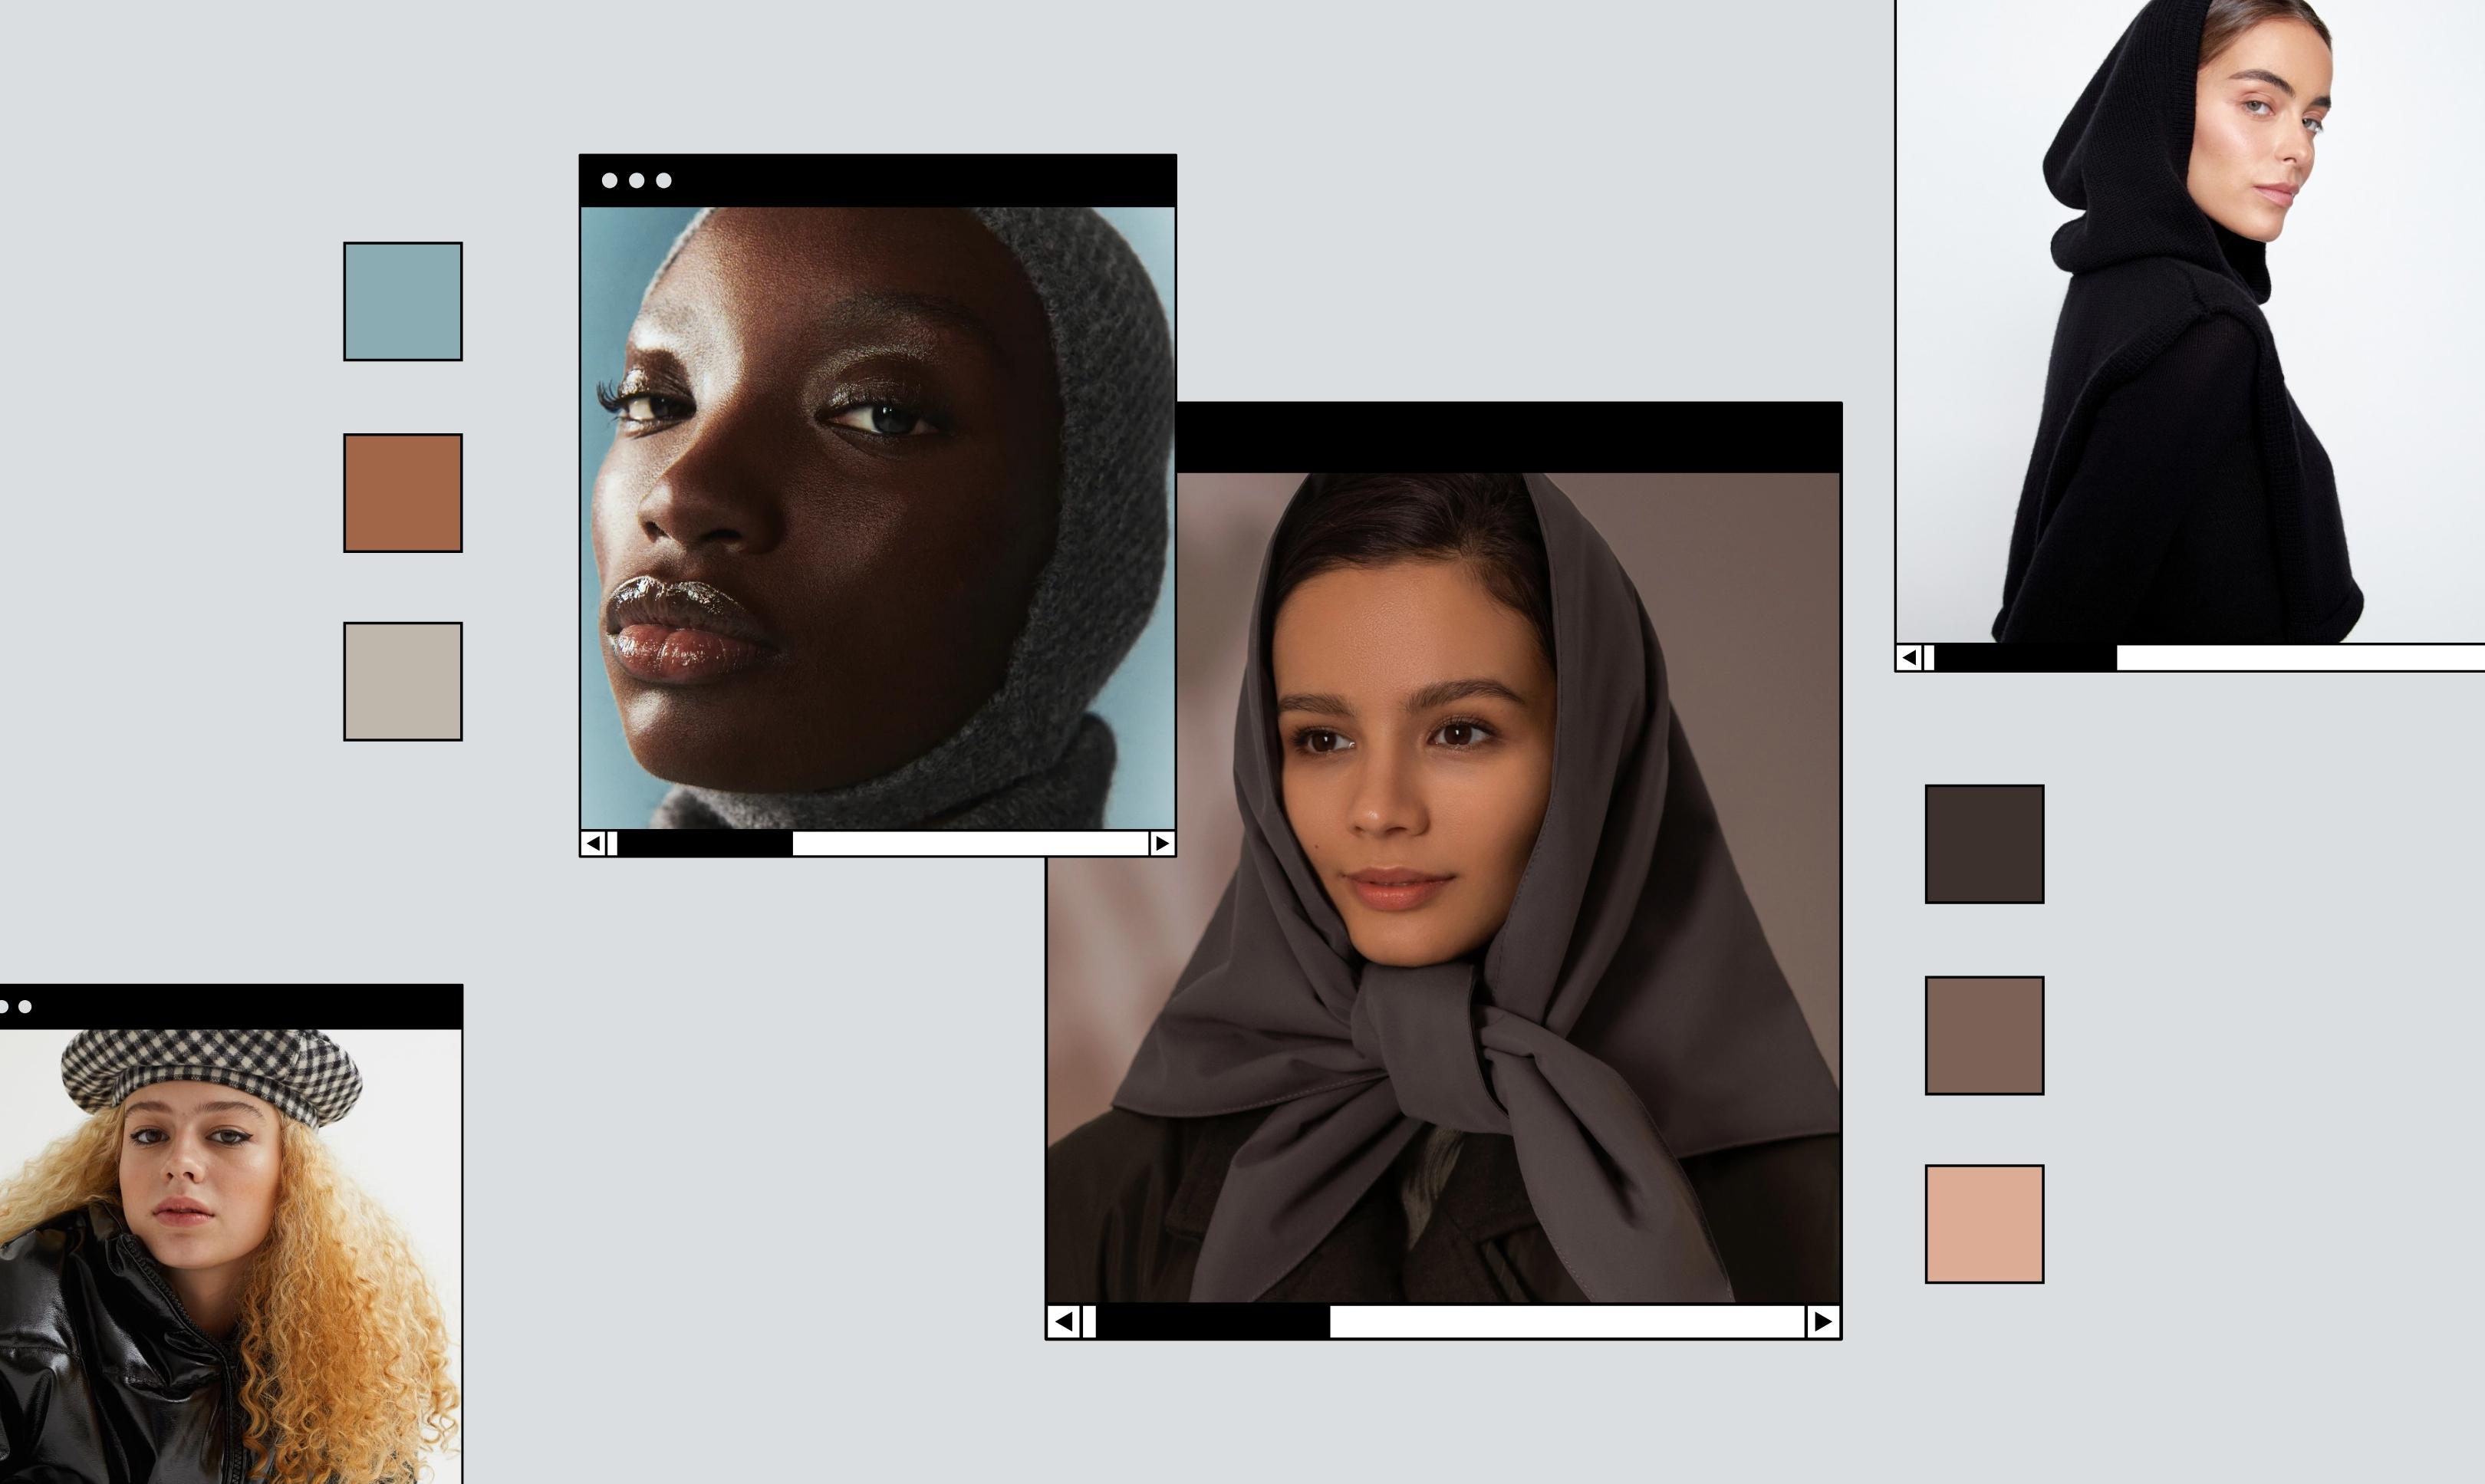 Голова в тепле: подборка актуальных головных уборов в авторской колонке стилиста Марины Братановой